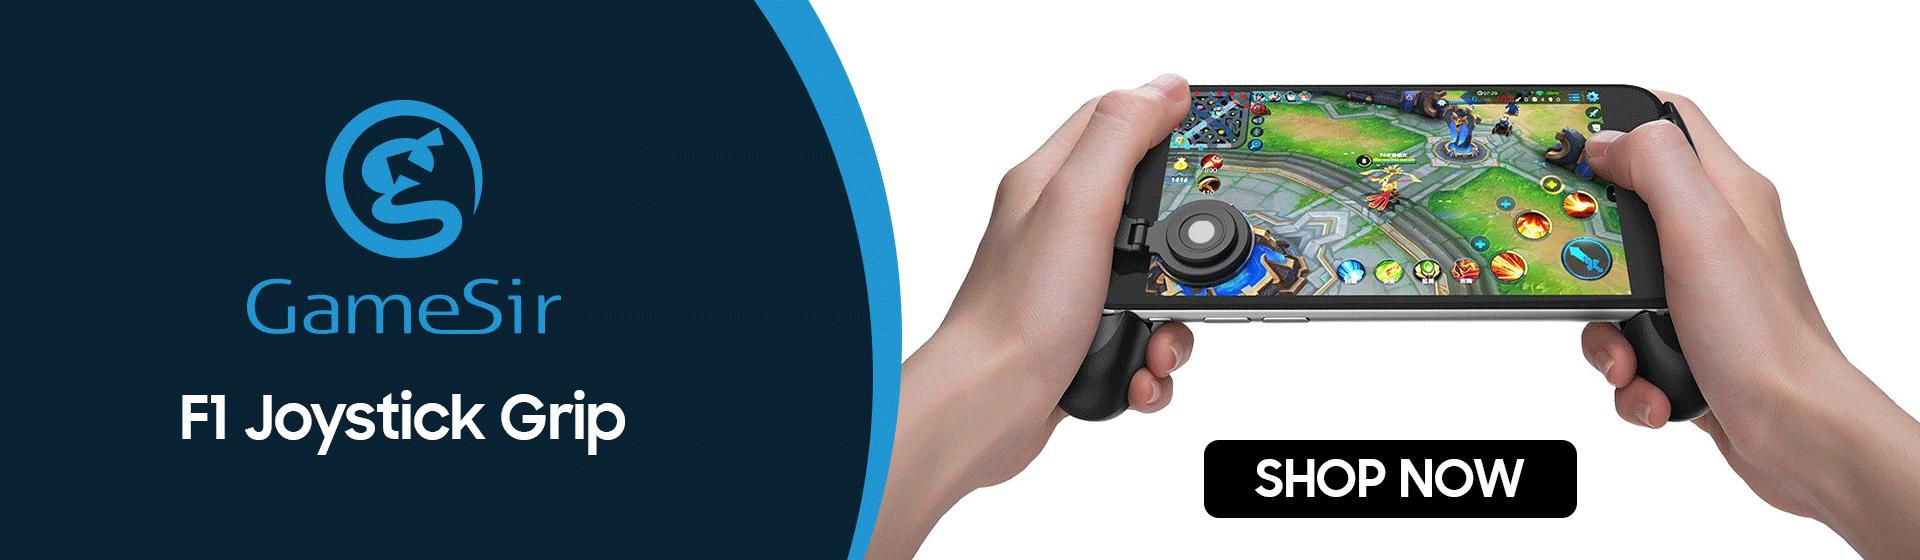 GameSir Gaming